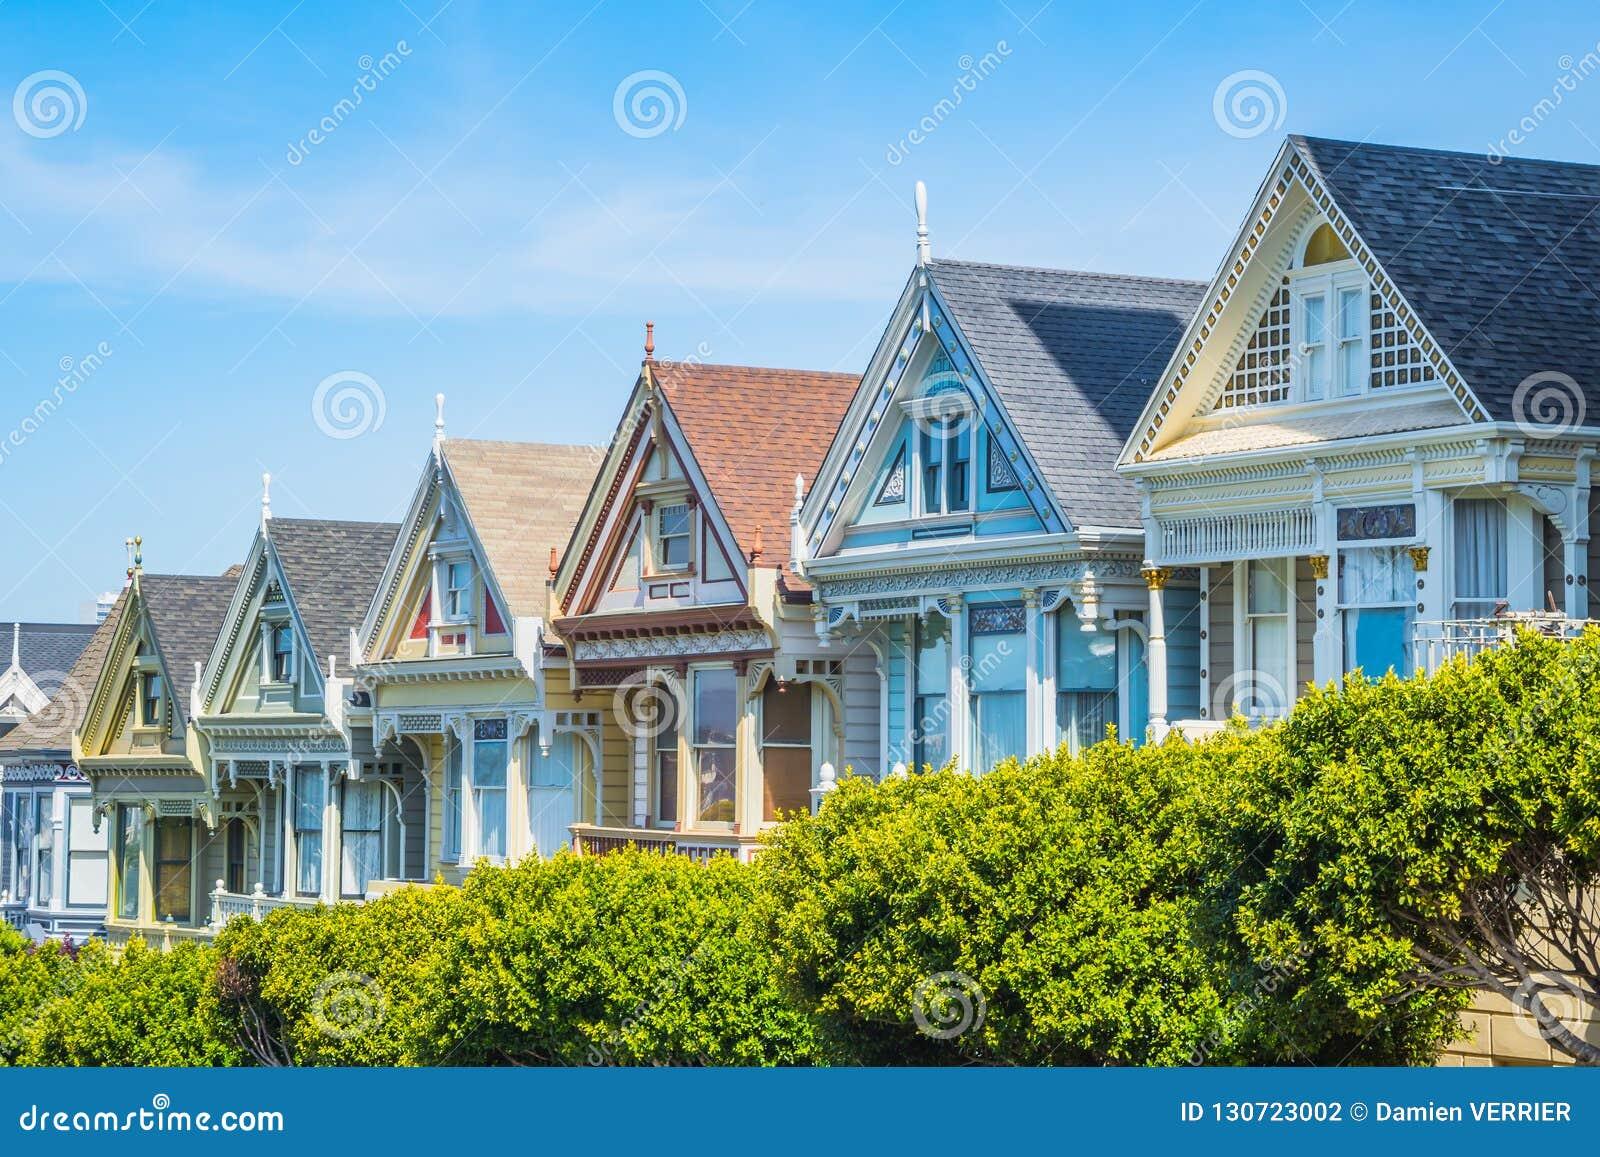 Distelfalter, die berühmtesten alten Damen von San Francisco